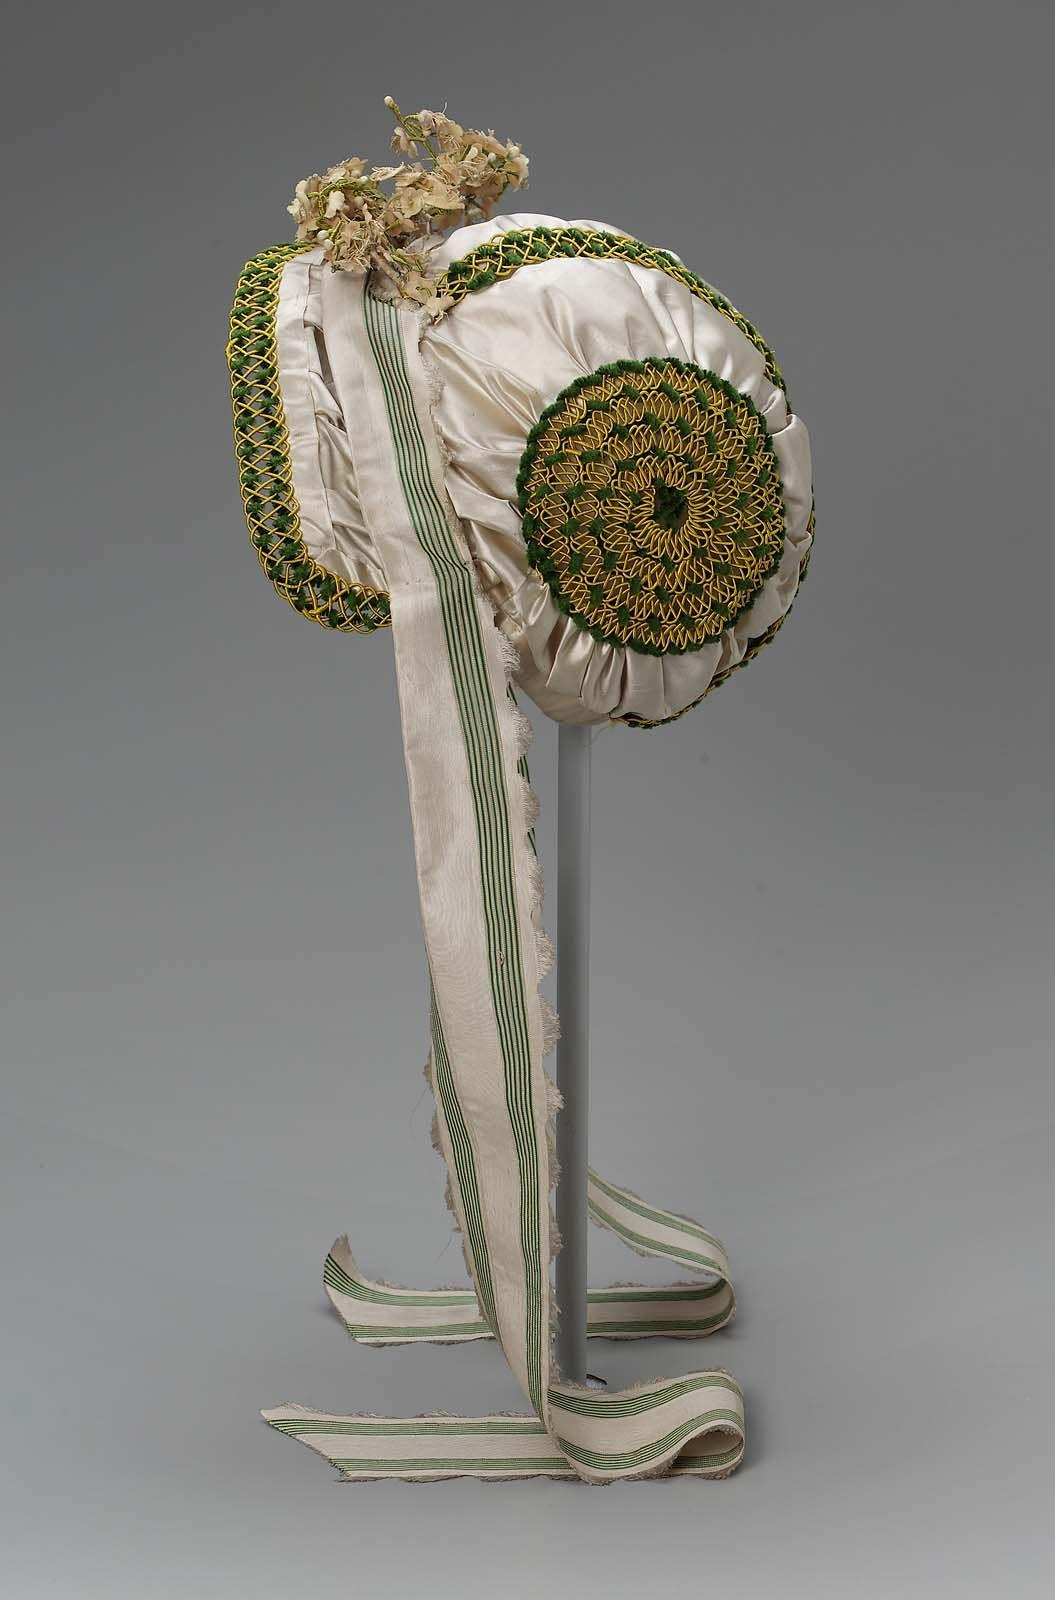 Bonnet (image 2) | France | 1805-1810 | silk, chenille | Museum of Fine Arts, Boston | Accession #: 43.1579